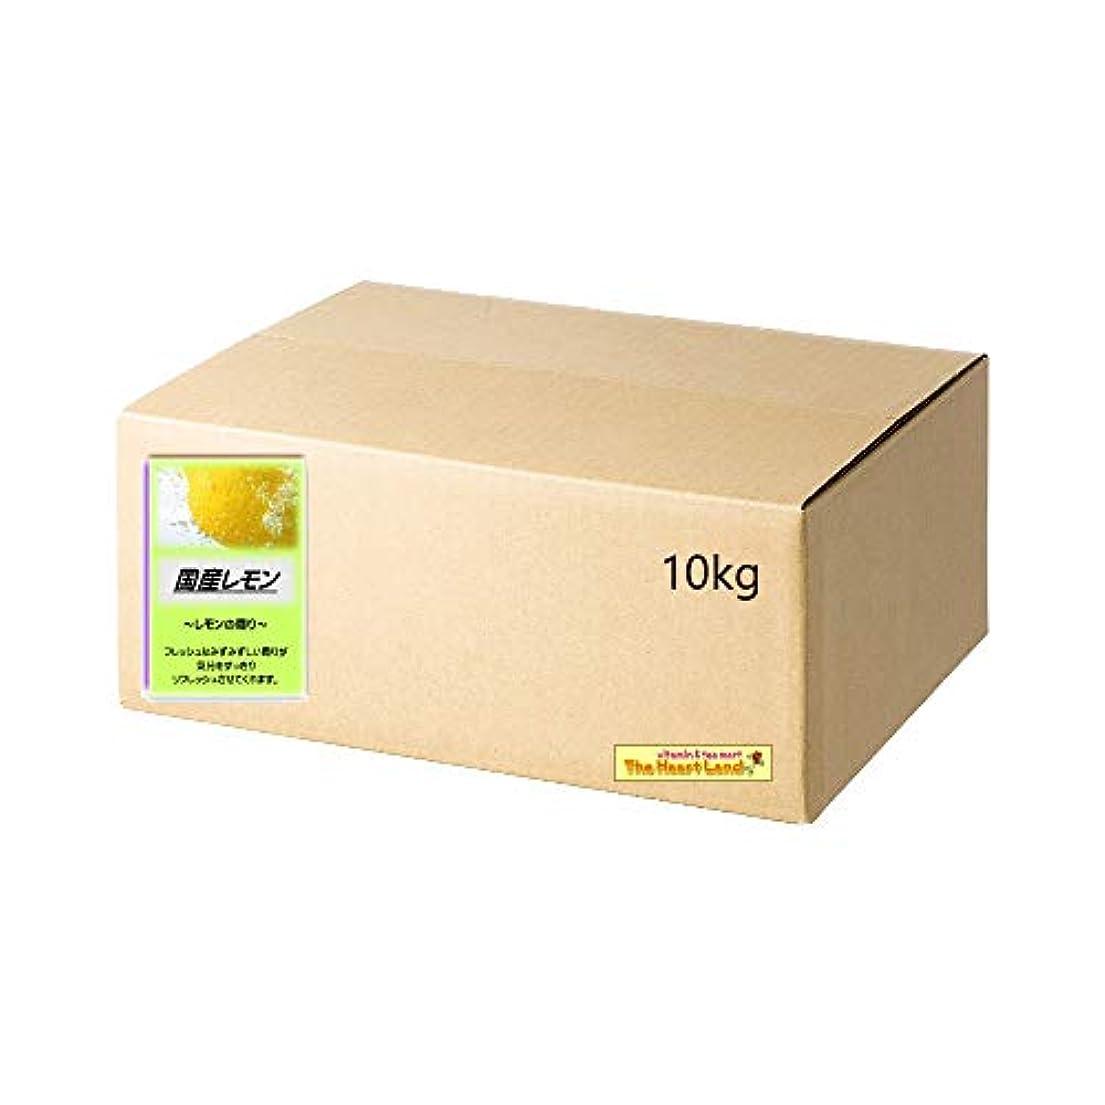 掃くエピソードセラフアサヒ入浴剤 浴用入浴化粧品 国産レモン 10kg